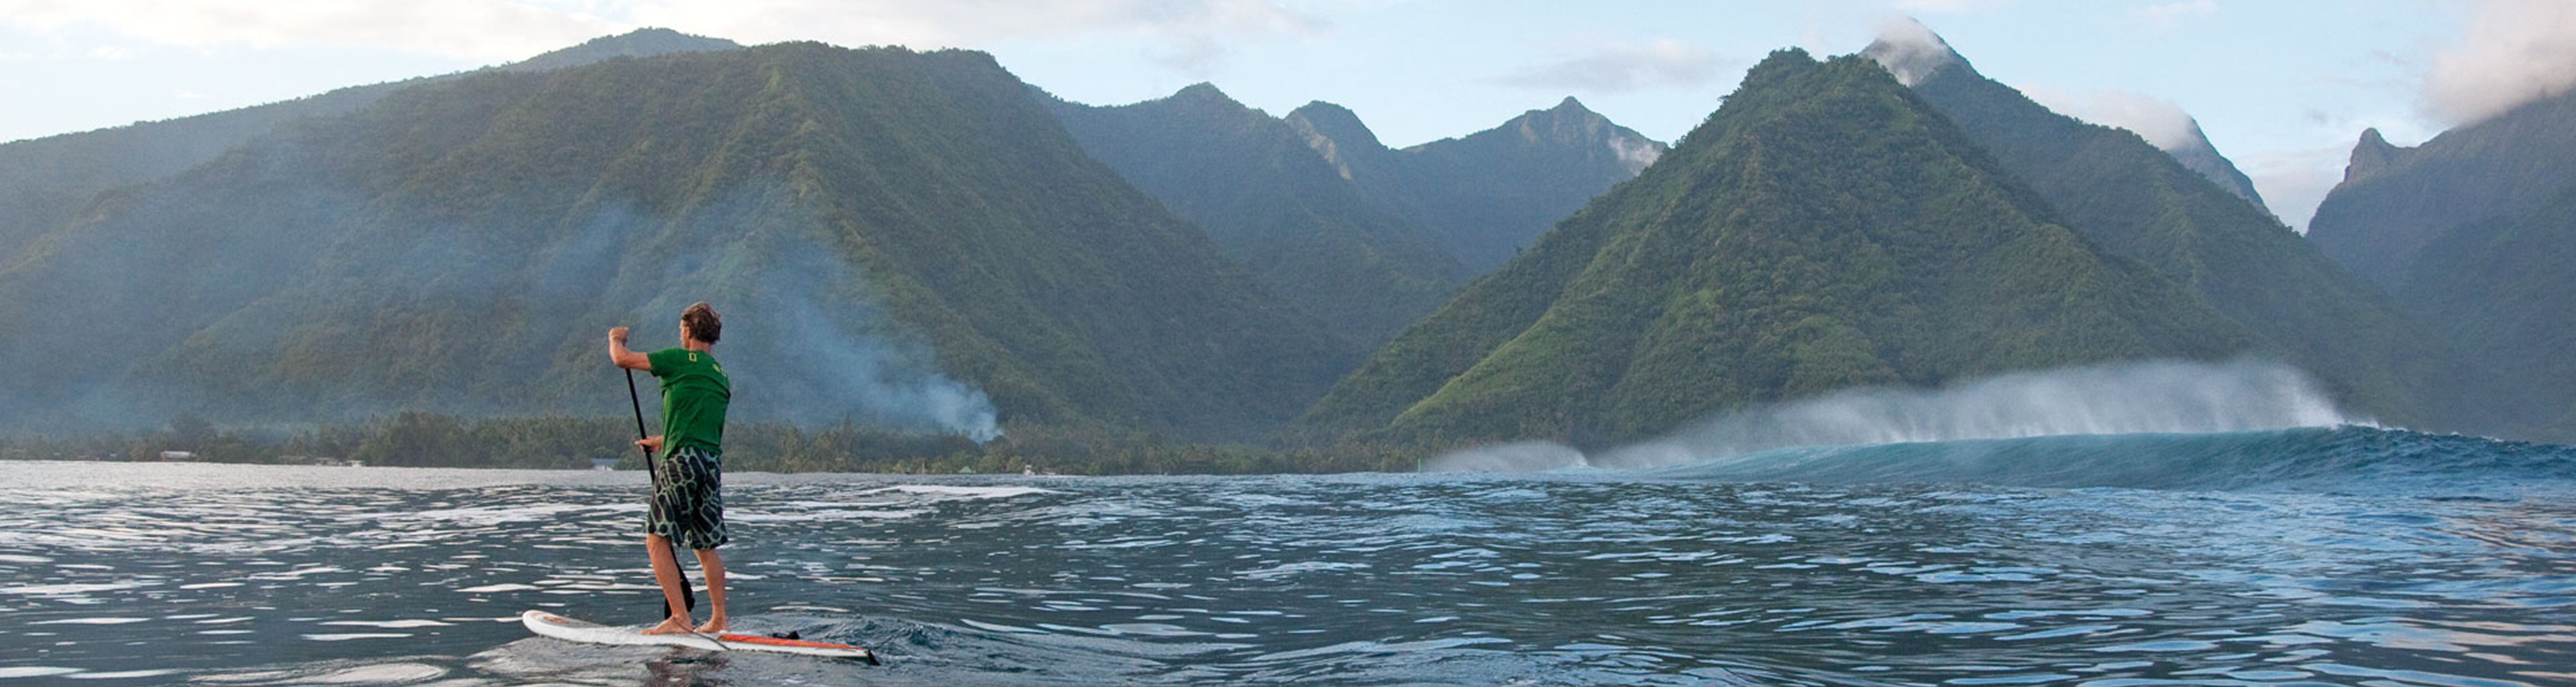 Aufblasbares Surfbrett beim Wellenreiten